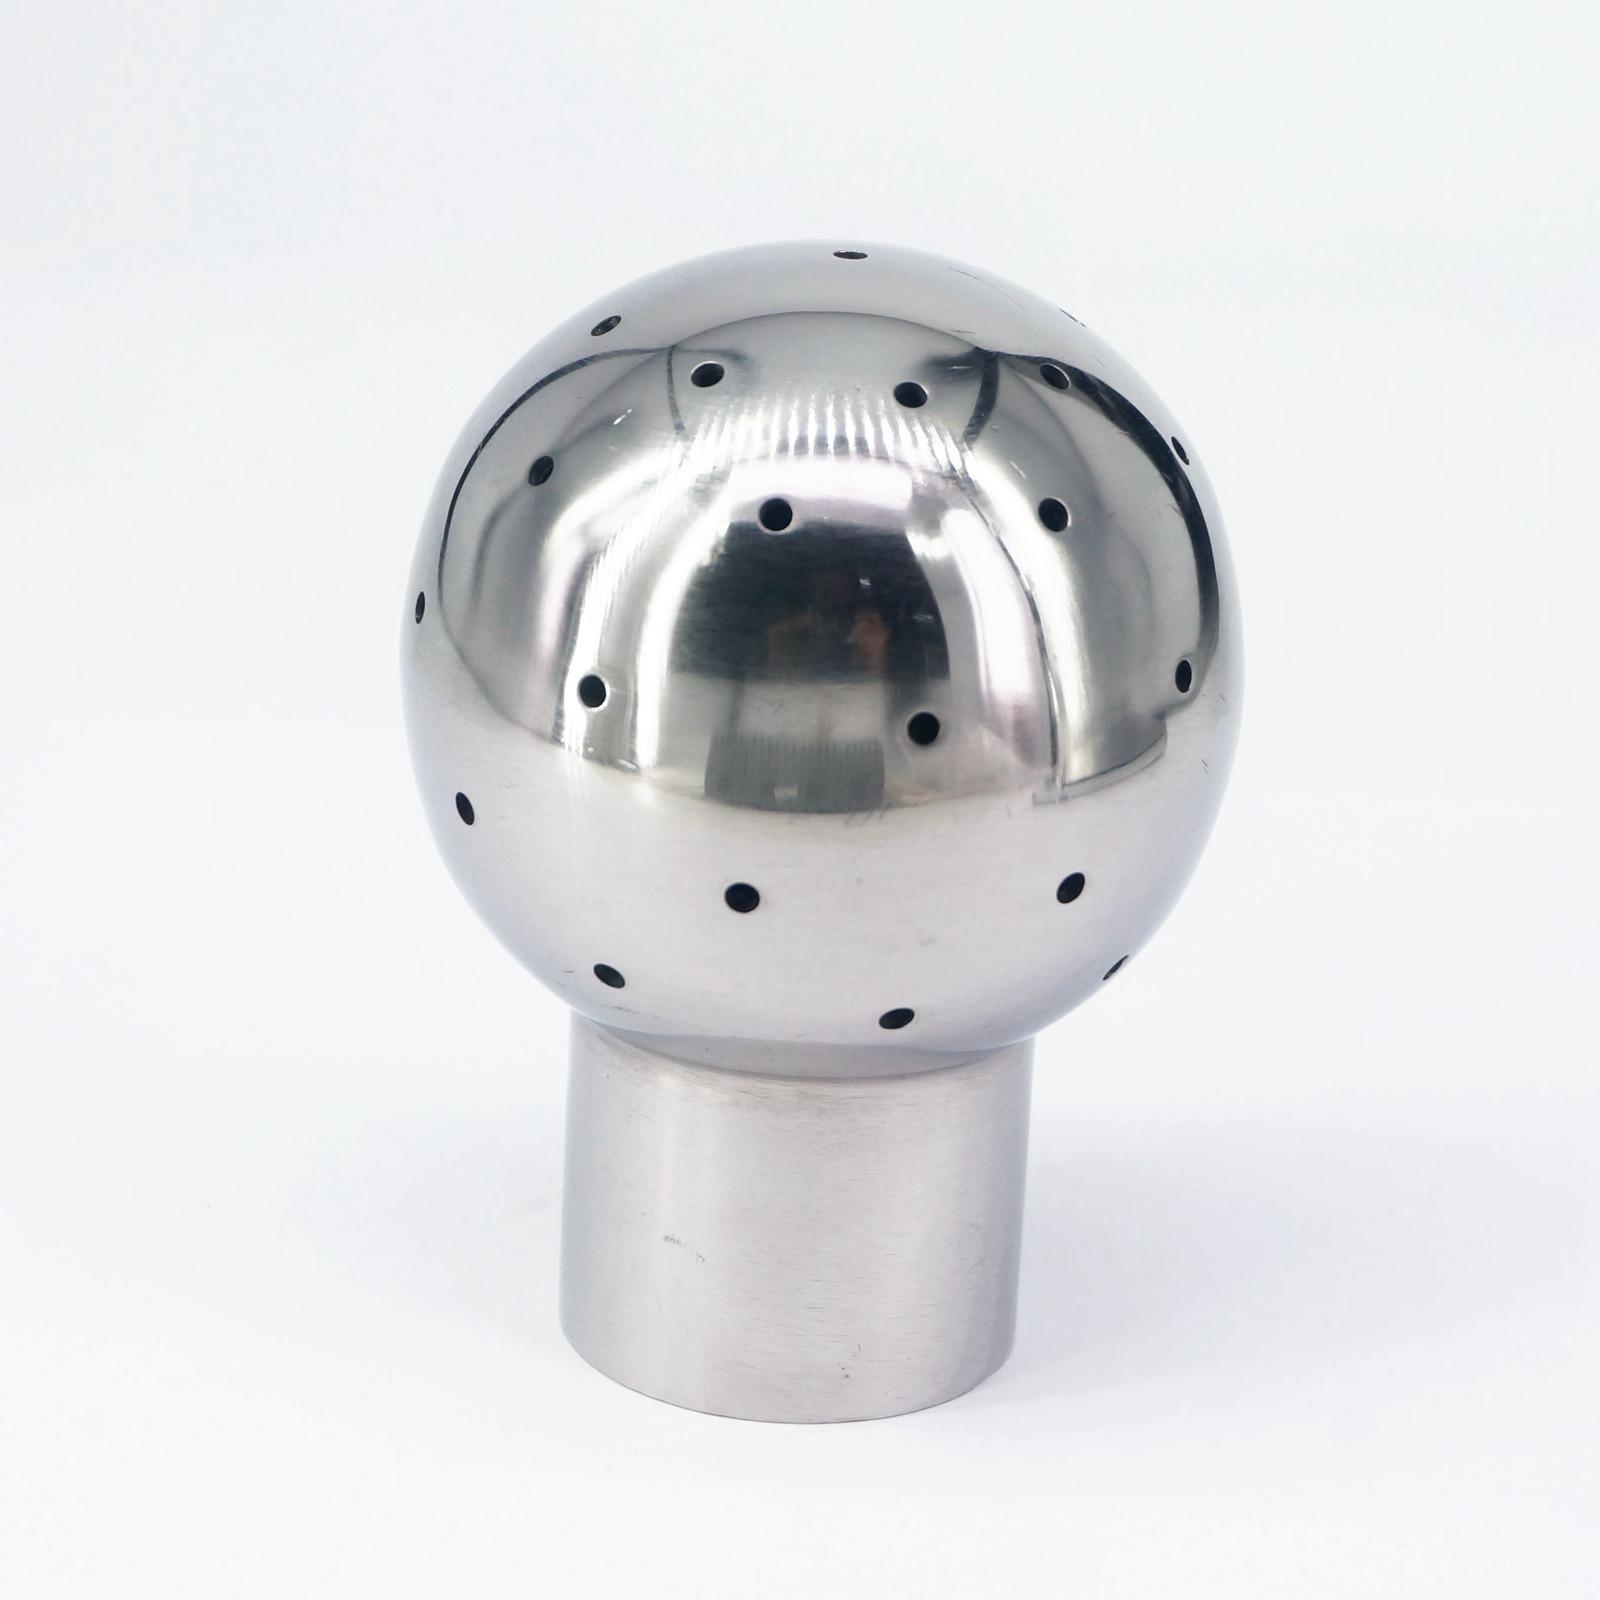 Romantisch 3/4 bsp Innengewinde 304 Edelstahl Sanitär Gewinde Fix Spray Ball Tank Reinigung Ball Hell In Farbe Rohre & Armaturen